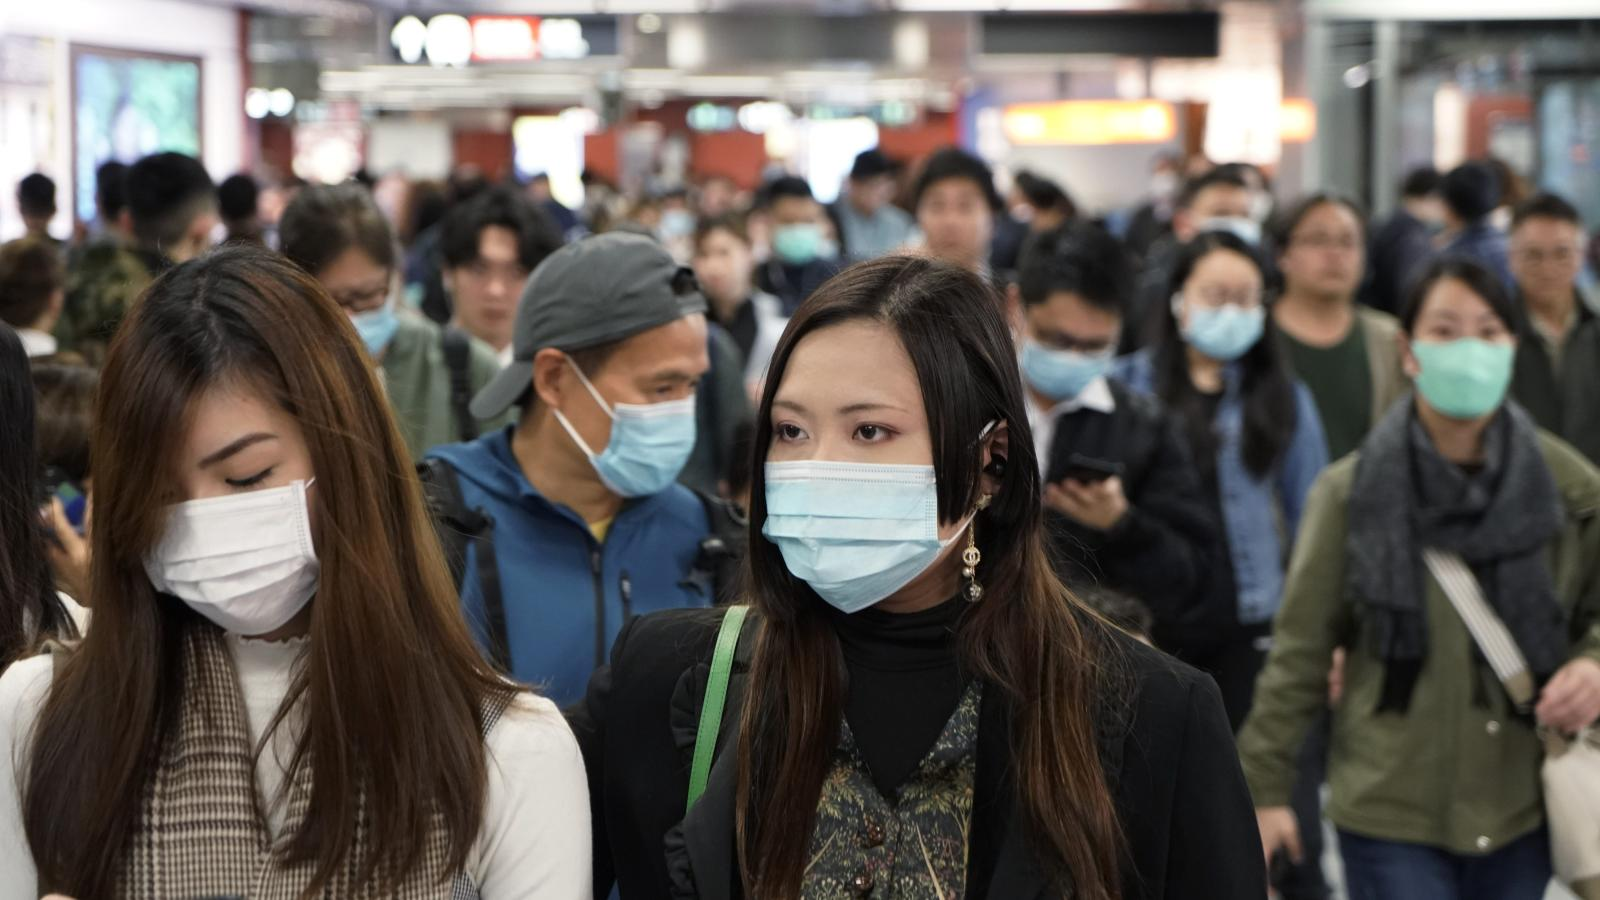 Coronavirus: 7 Ways to Stay Entertained During Quarantine